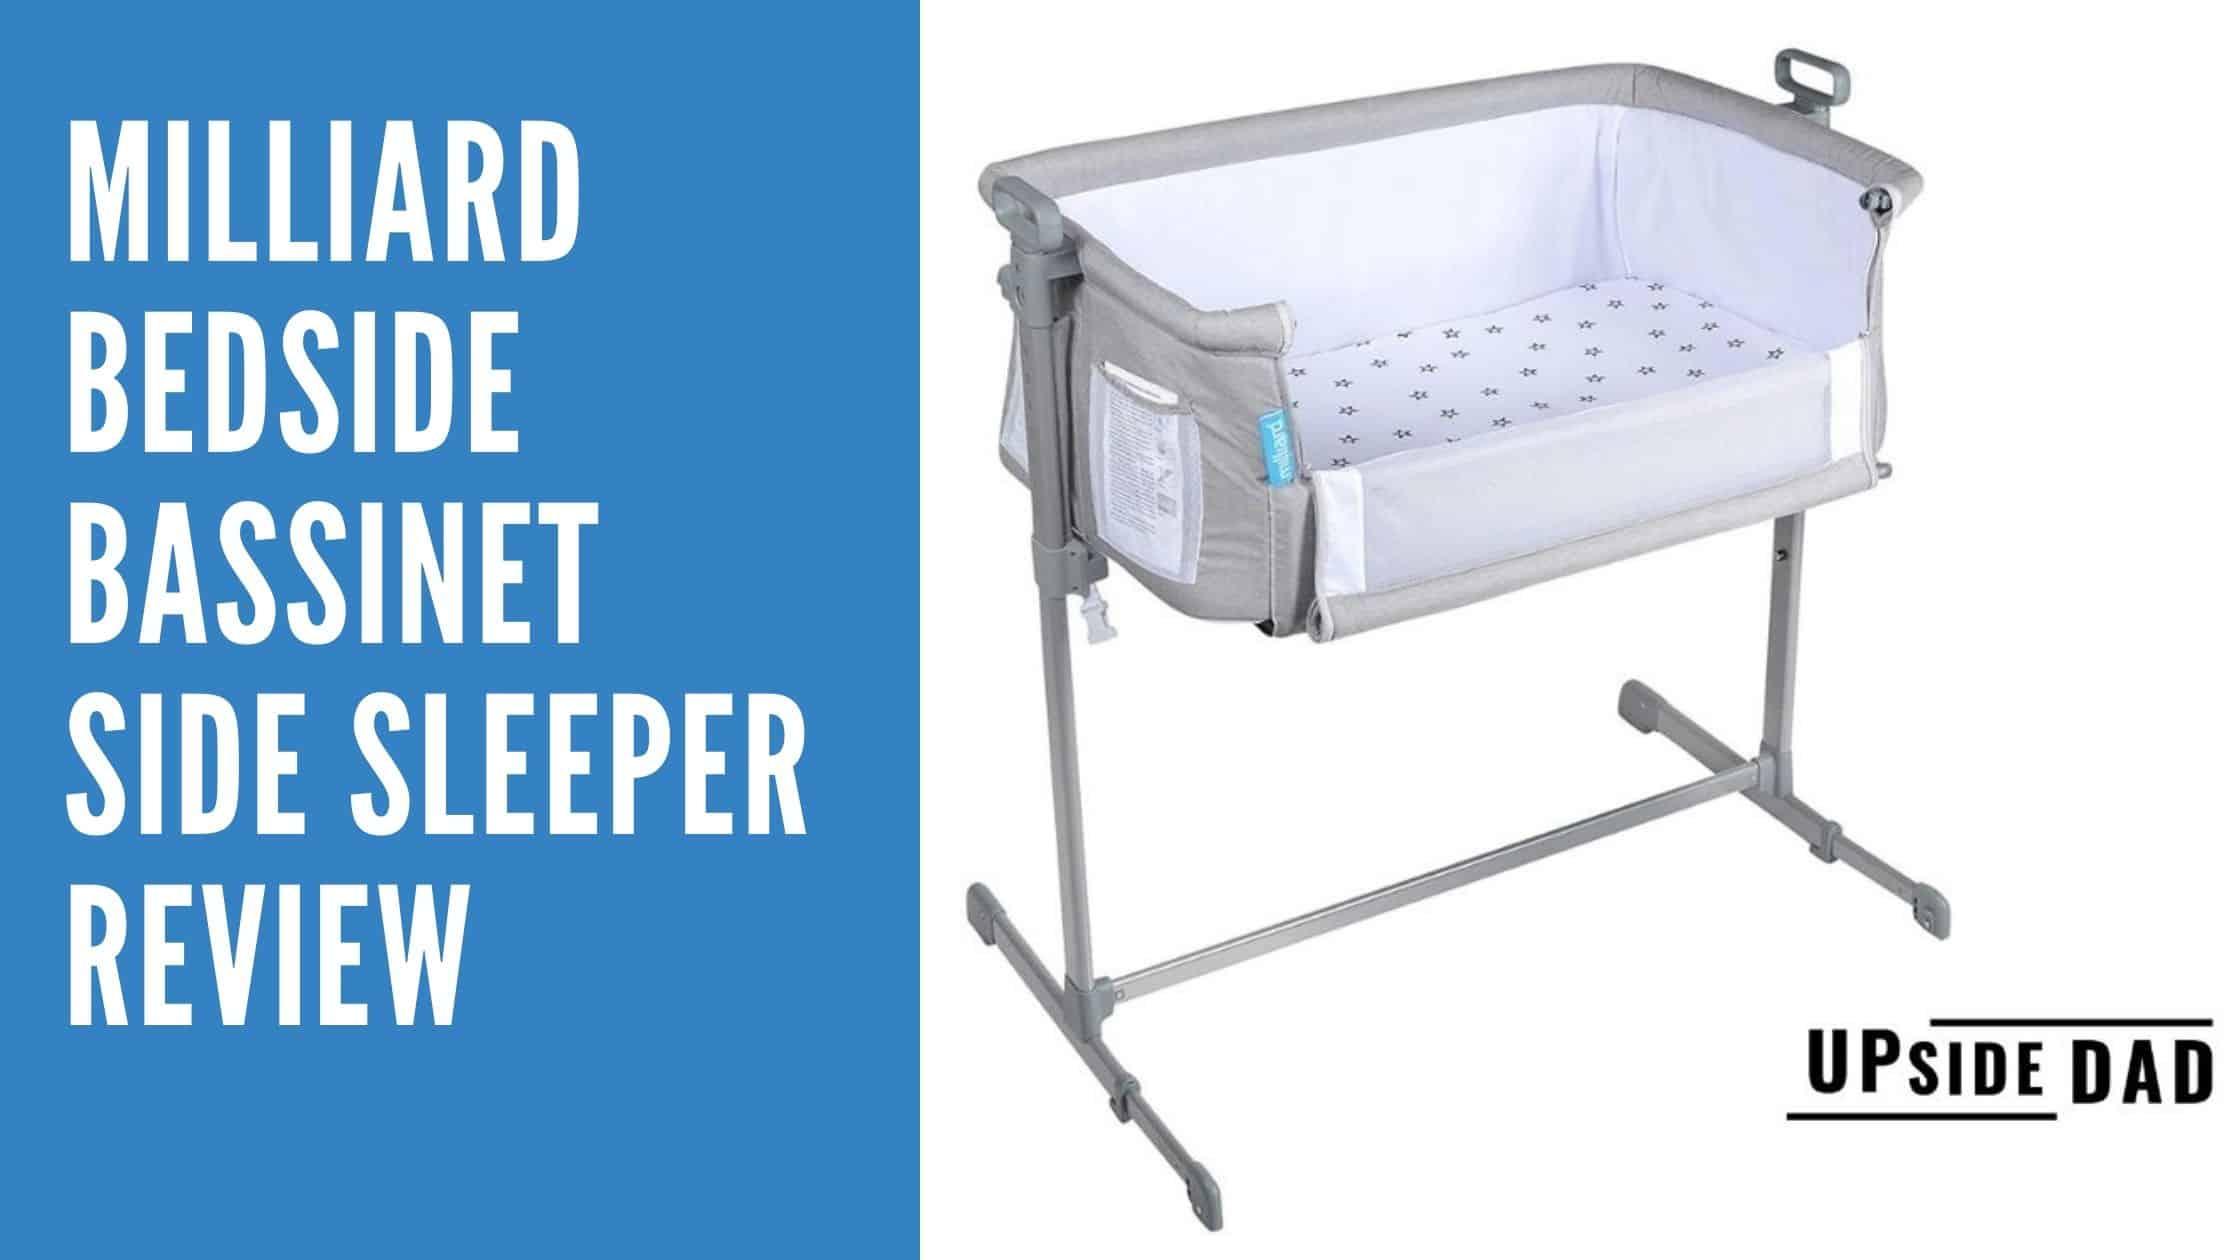 Milliard Bedside Bassinet Side Sleeper review